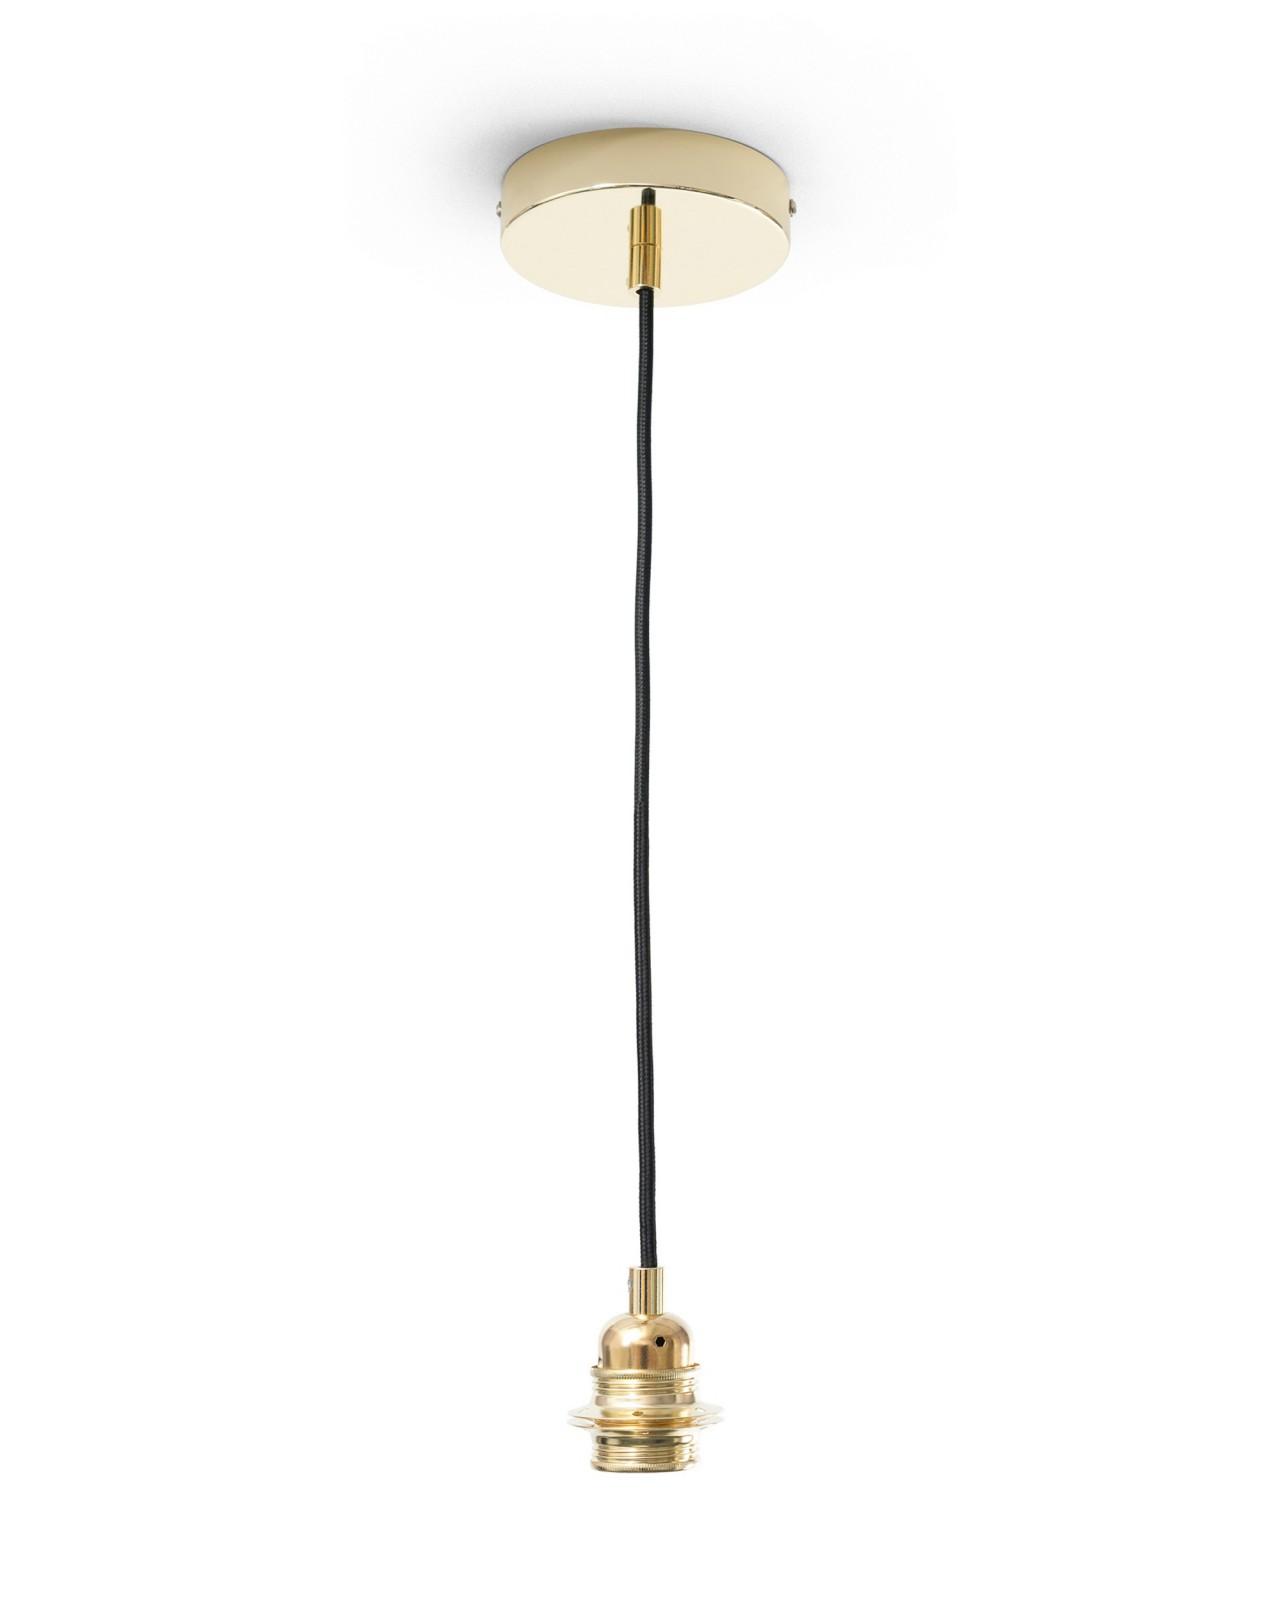 LA VOLIERE Pendant Lamp